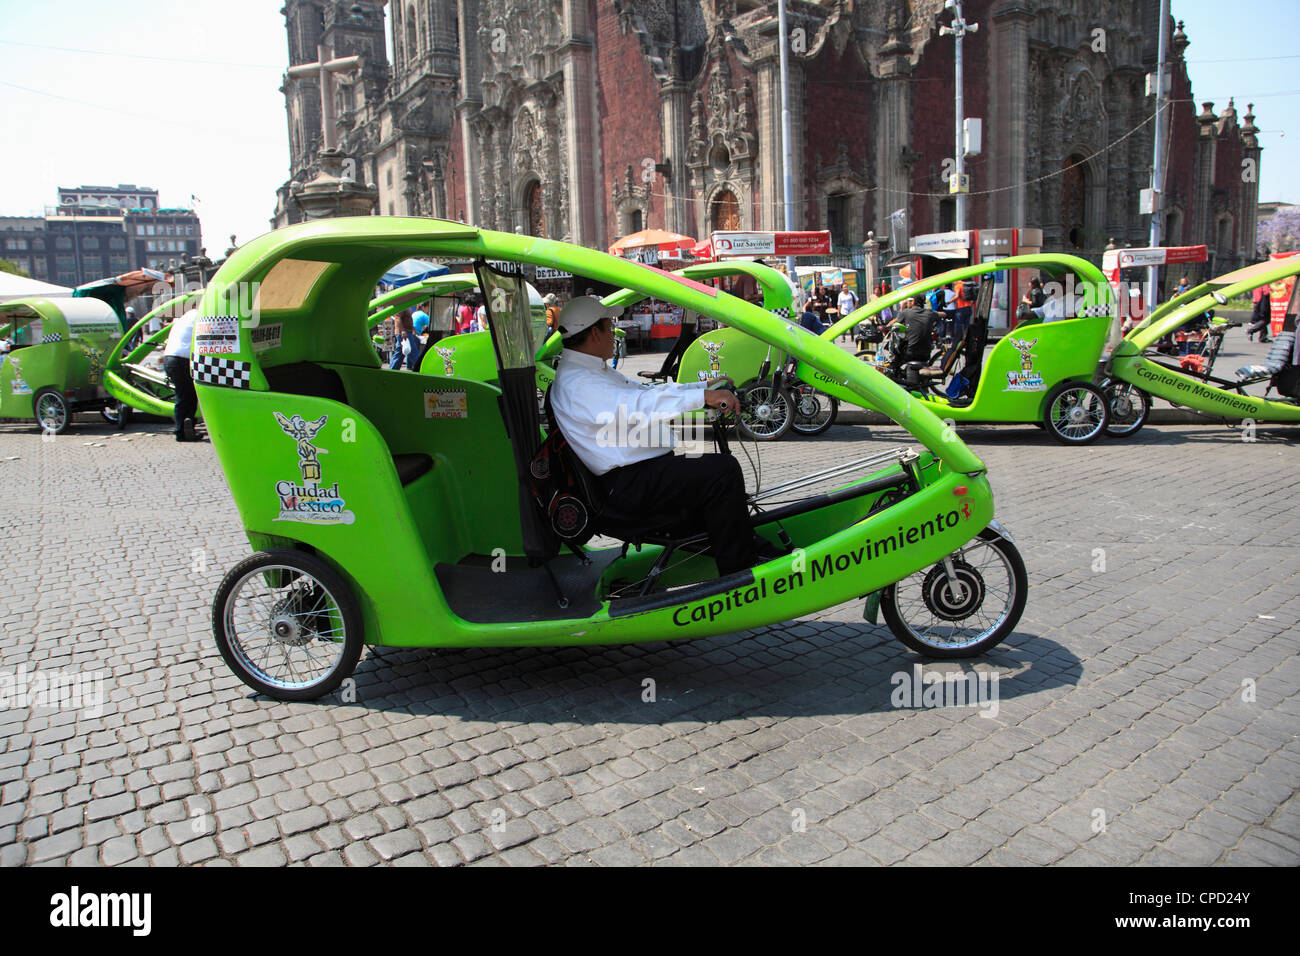 Eco friendly Fahrradrikscha, Zocalo, Plaza De La Constitución, Mexico City, Mexiko, Nordamerika Stockbild